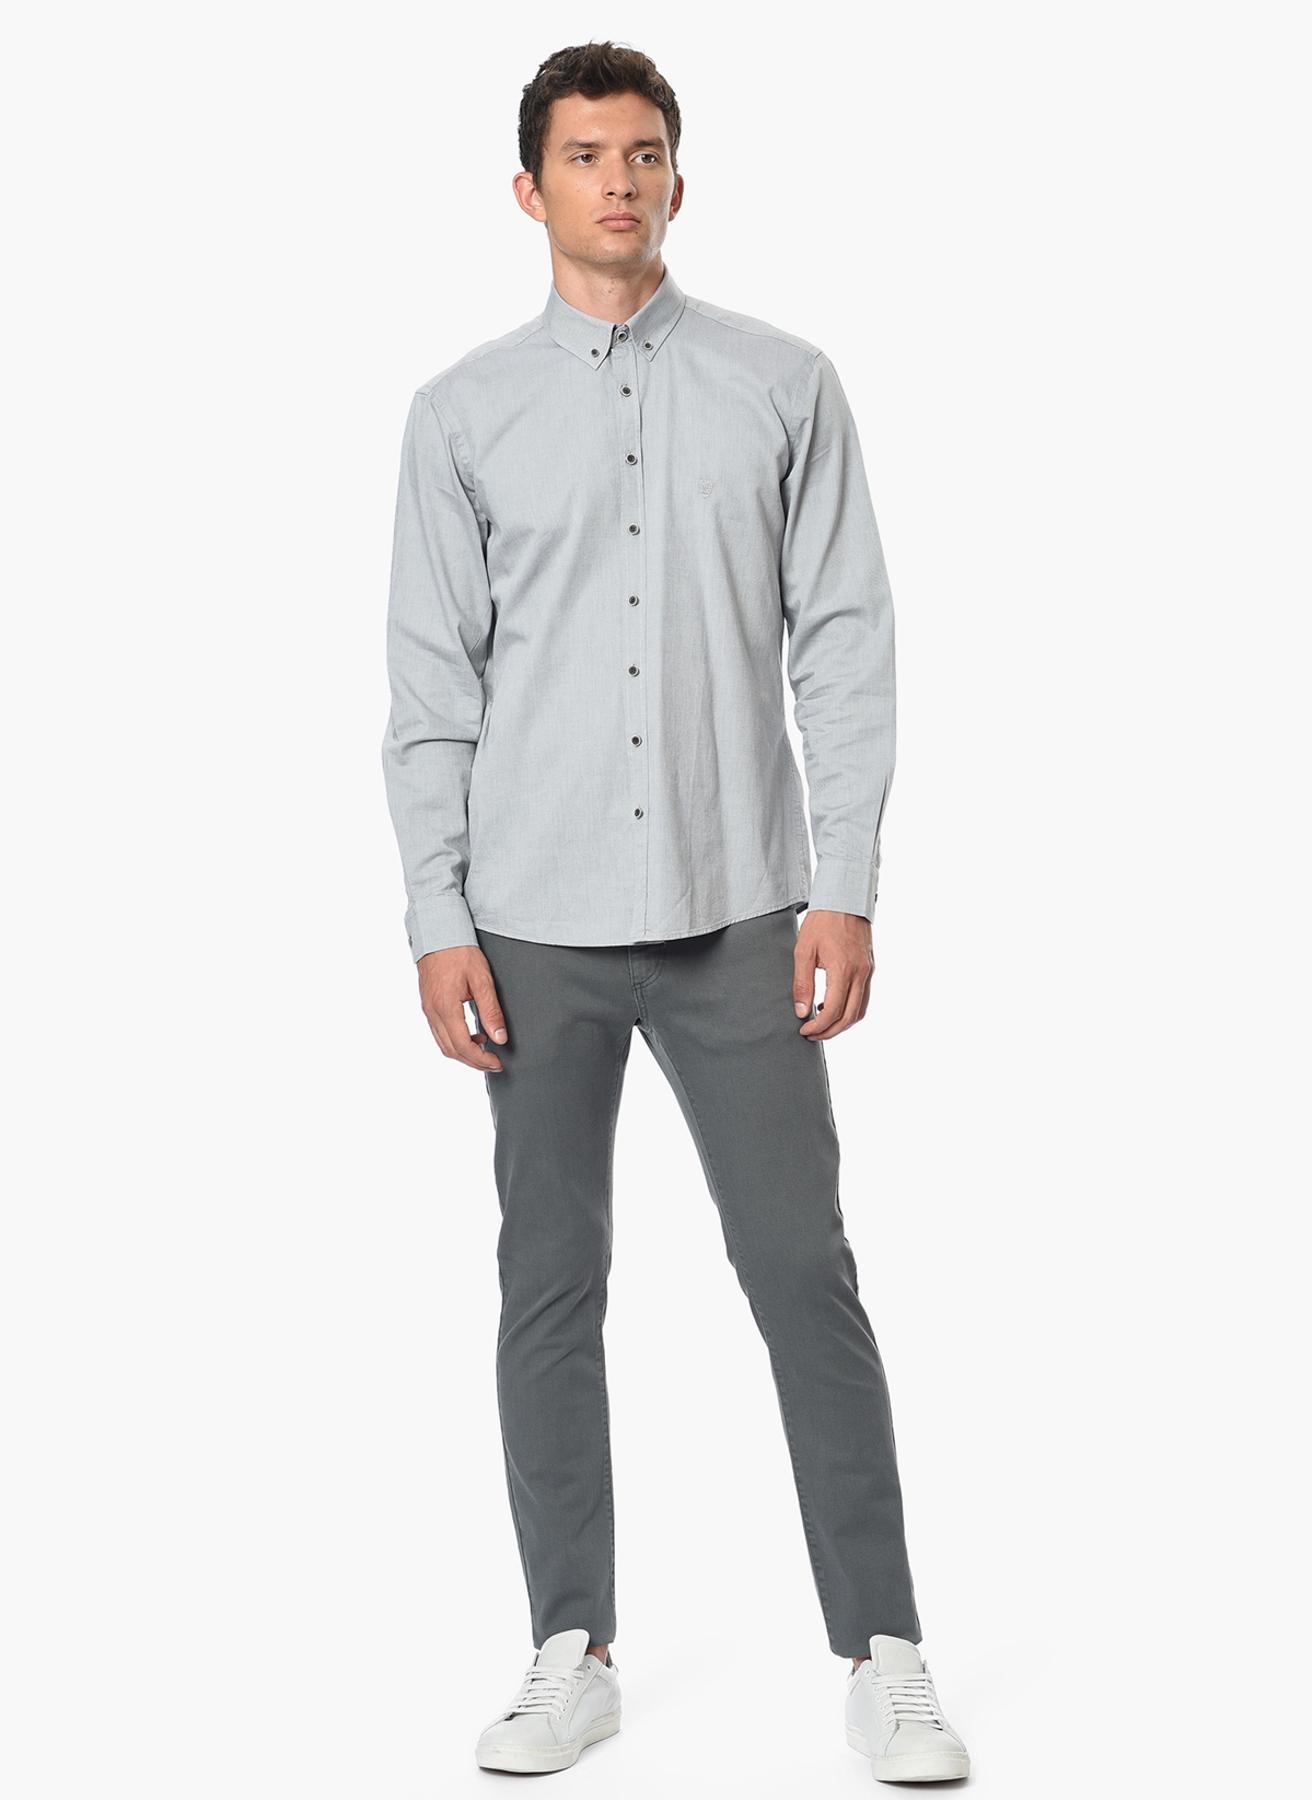 George Hogg Modern Fit Gri Gömlek 42 5001699214004 Ürün Resmi